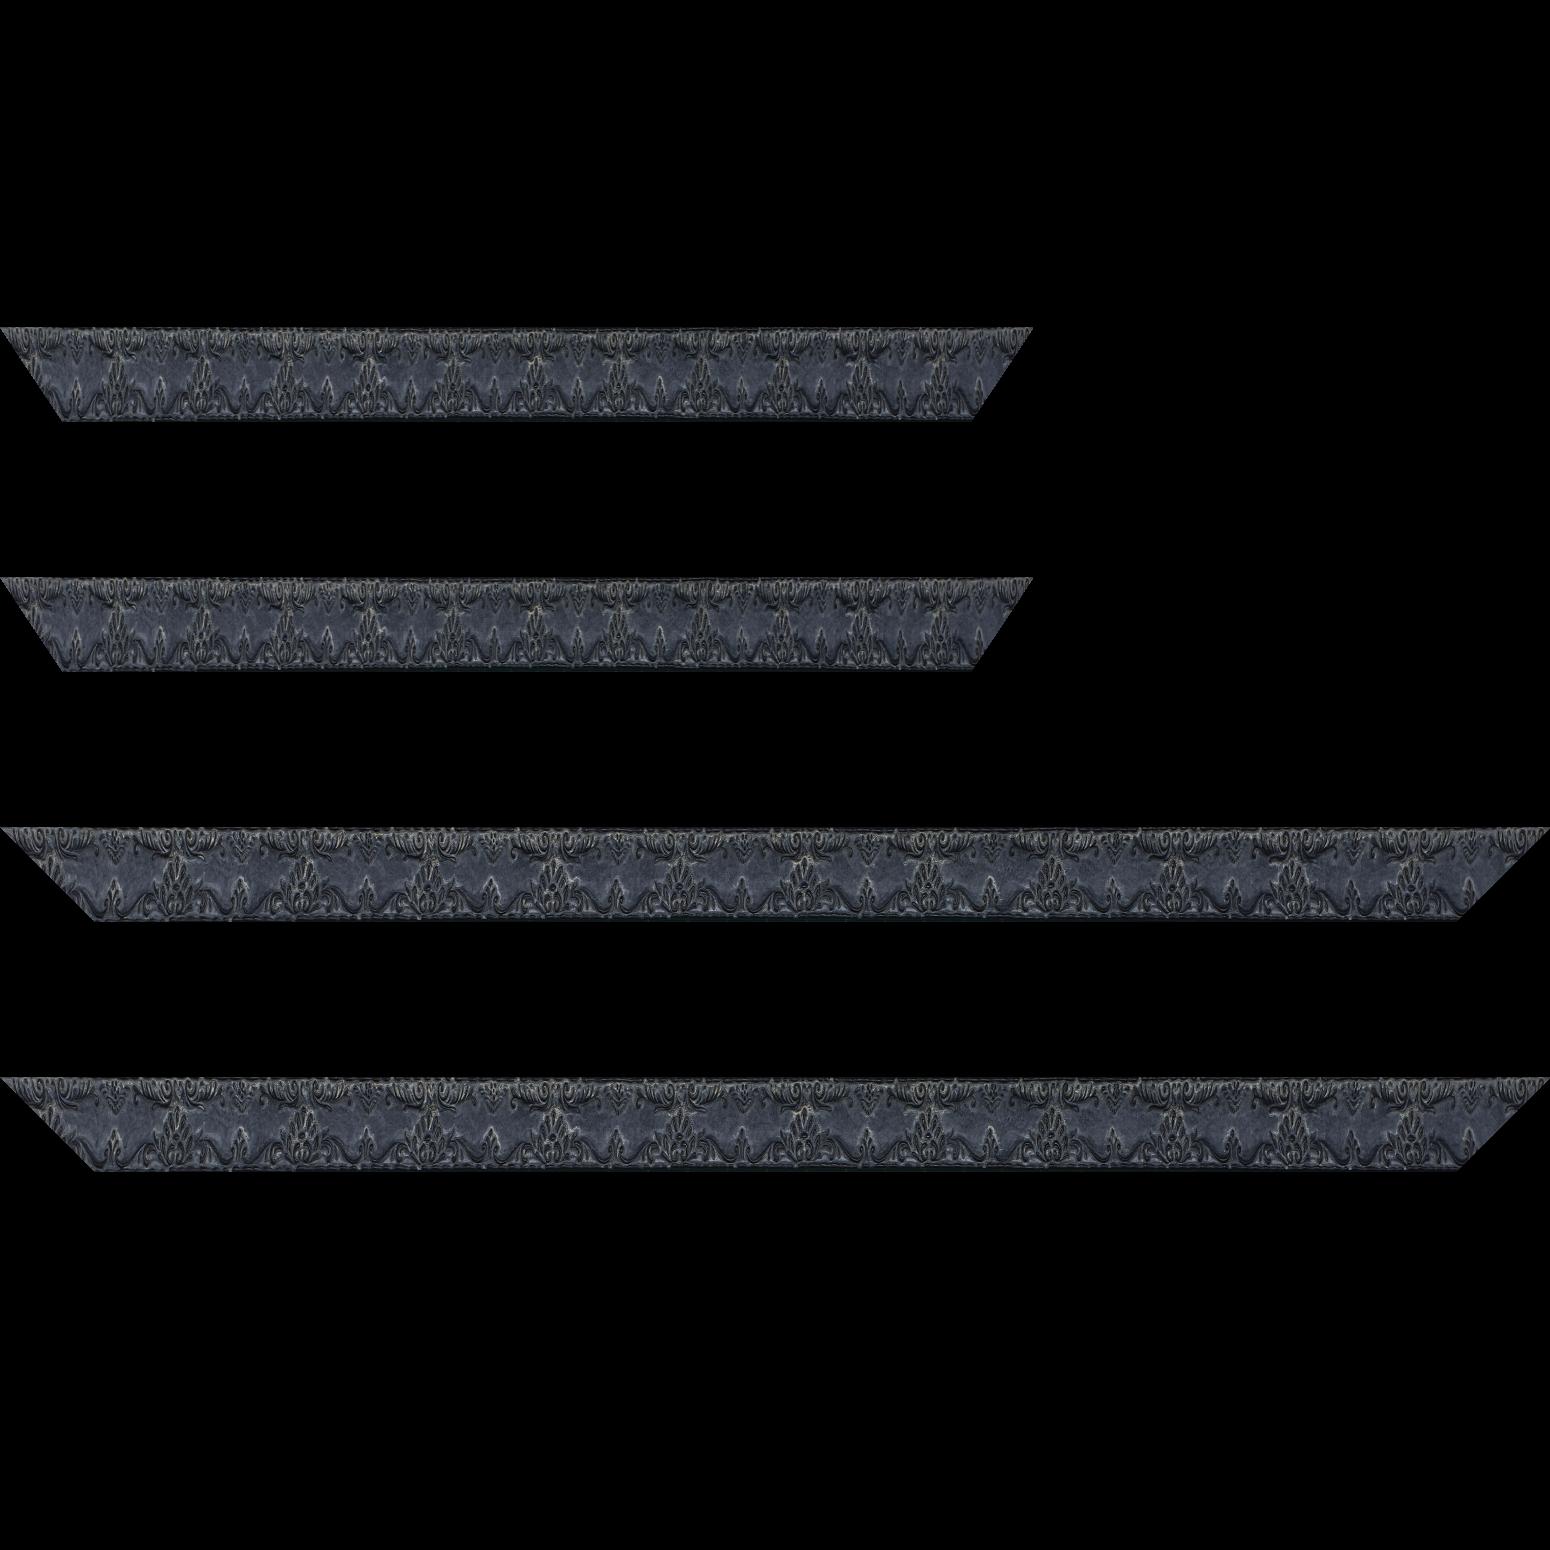 Baguette service précoupé Bois profil incurvé largeur 3cm couleur noir antique décor ancien